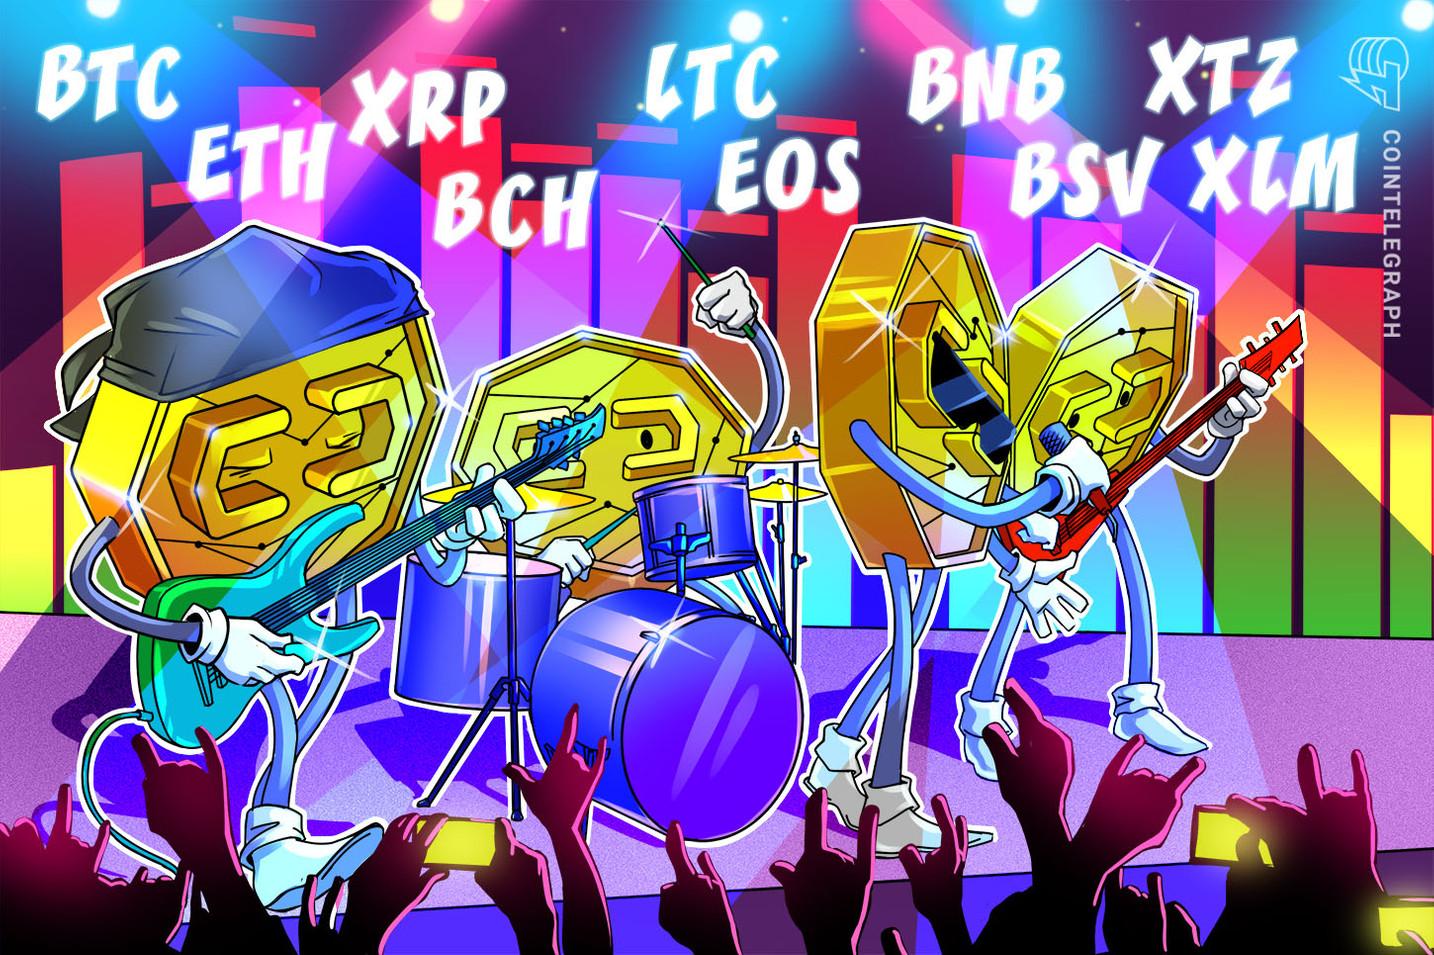 Kursanalyse, 20. Dezember: BTC, ETH, XRP, BCH, LTC, EOS, BNB, BSV, XTZ, XLM